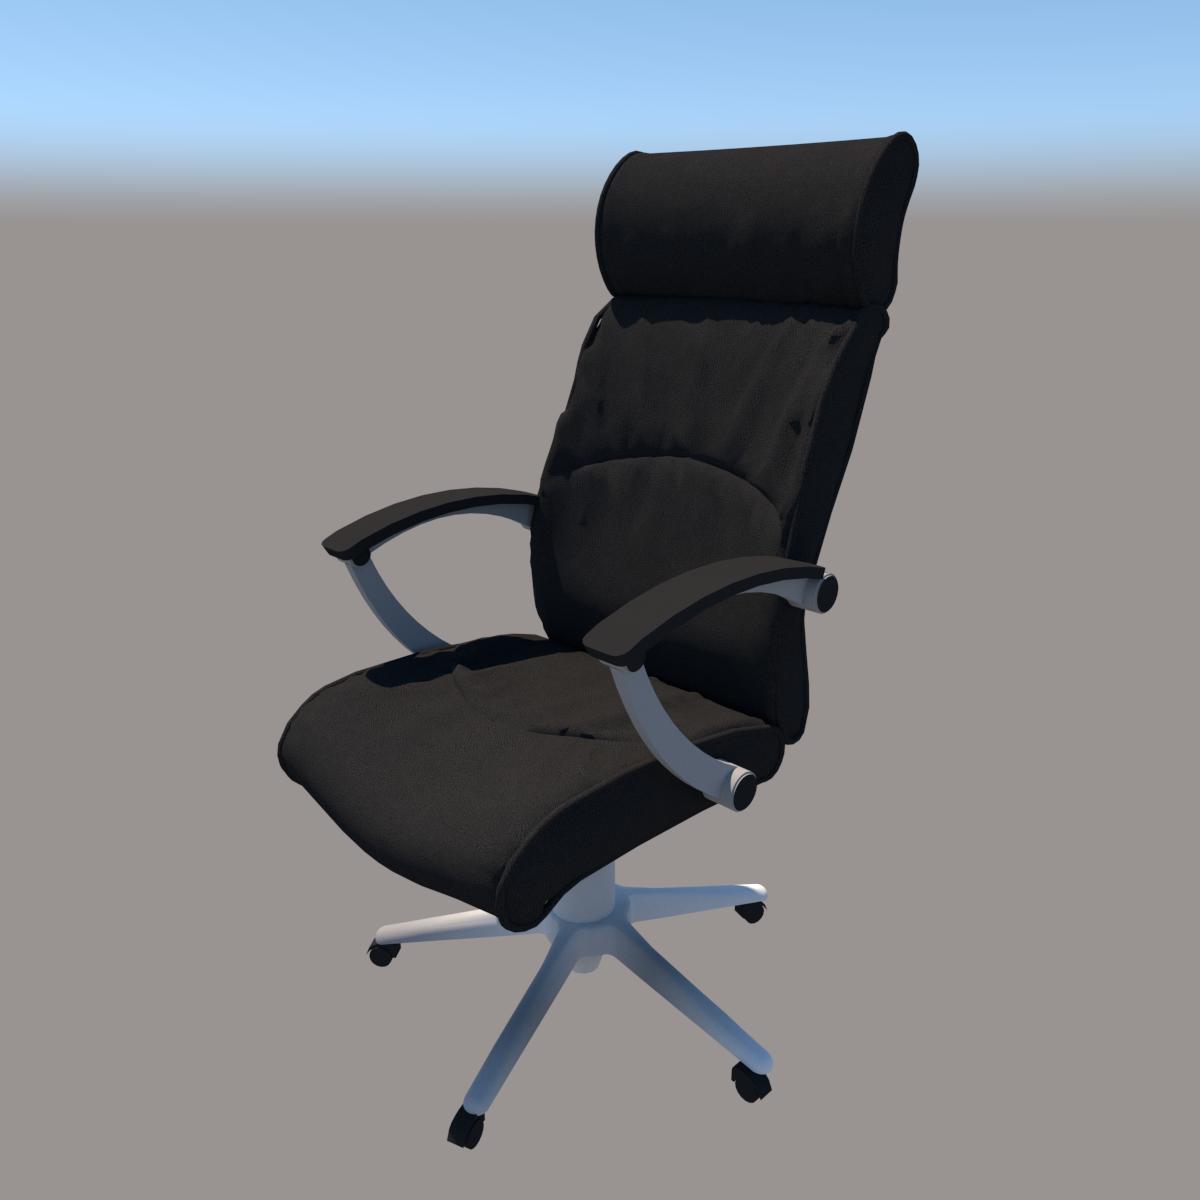 Cadeira giratoria braco 1105b al bba7cdb4 c34a 4f84 b77e e9a9e471f413